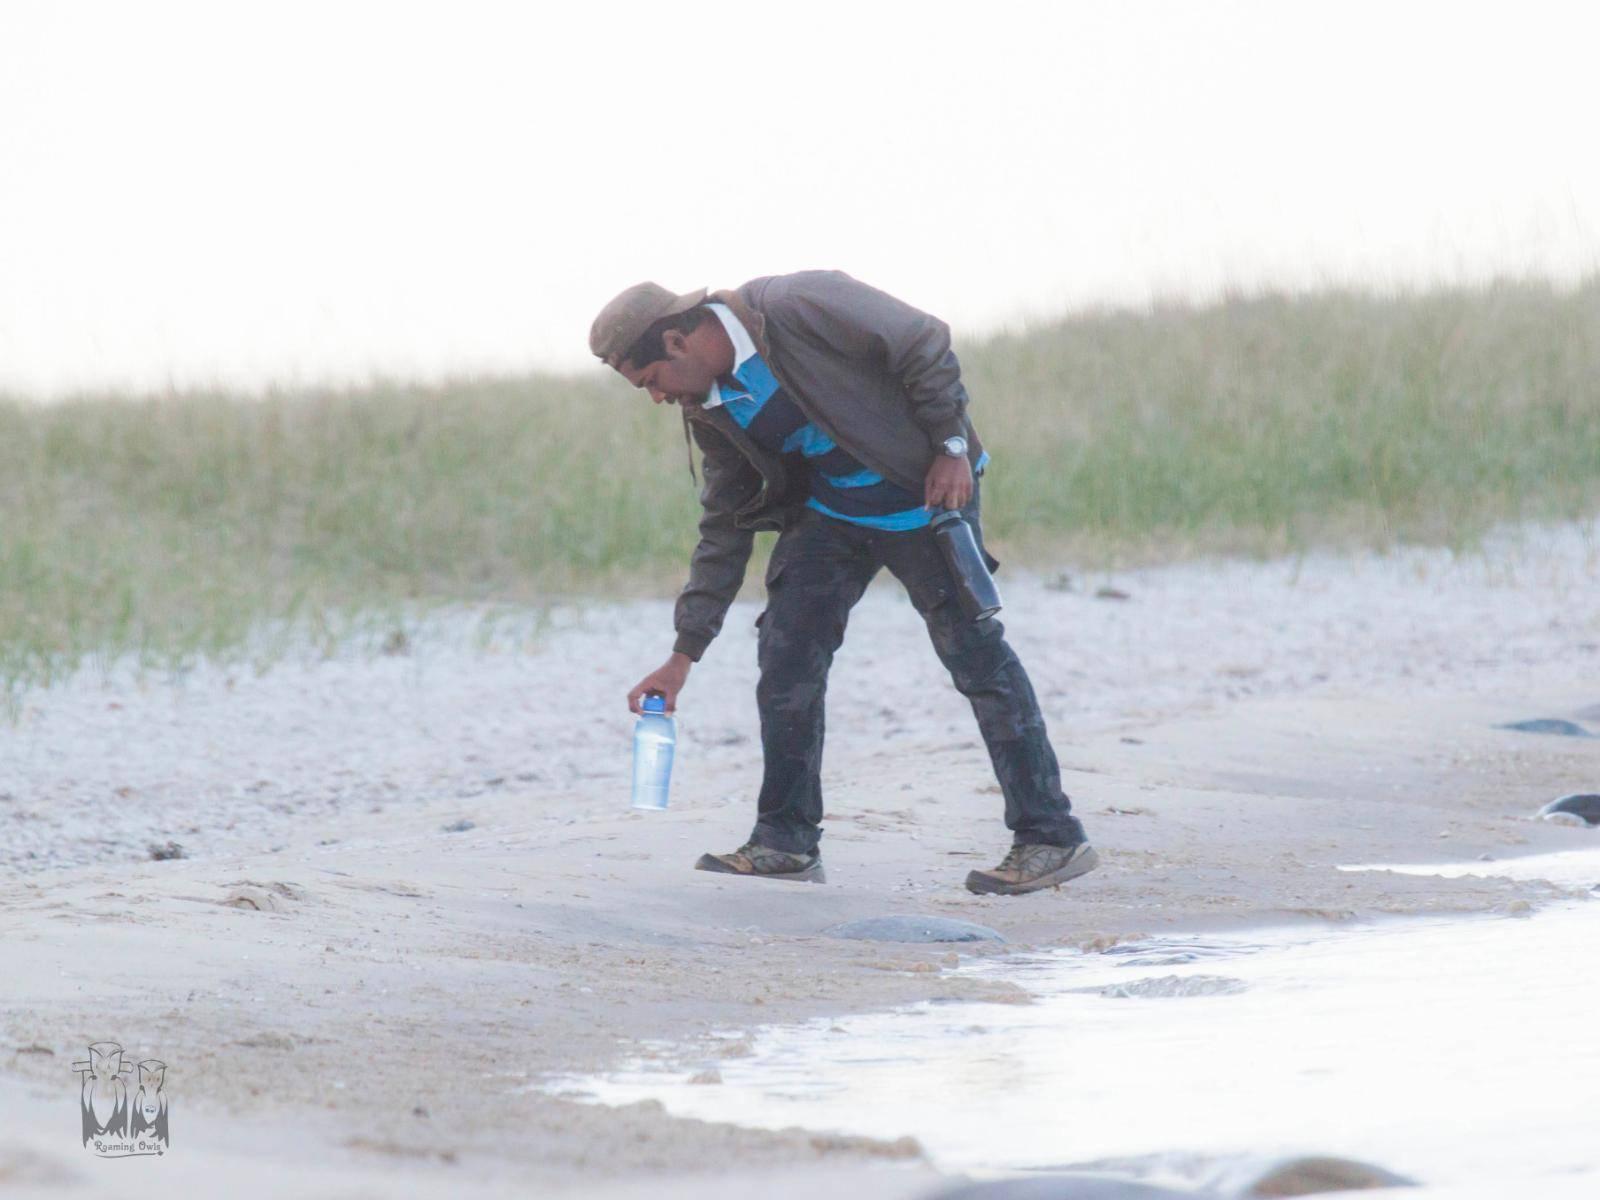 Lake Michigan,Michigan Drinking Water, Vinod sadhasivan